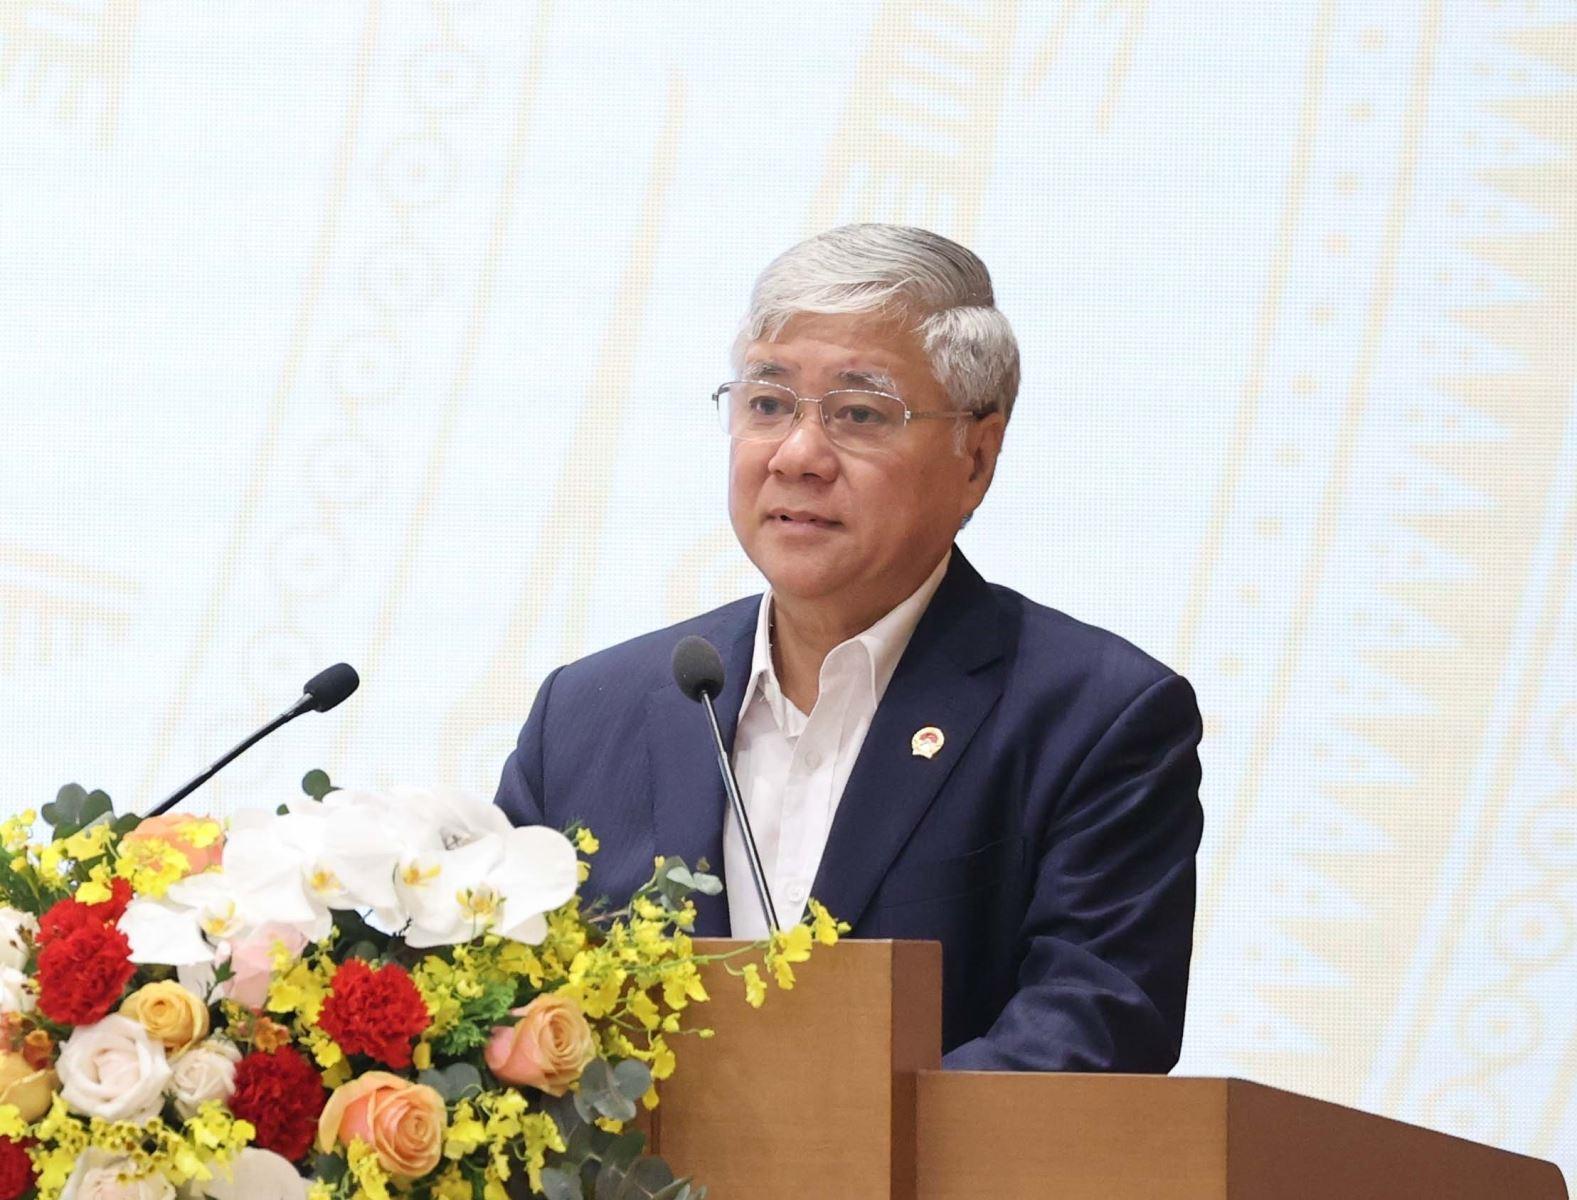 Bộ trưởng, Chủ nhiệm Uỷ ban Dân tộc Đỗ Văn Chiến phát biểu tại Hội nghị. Ảnh: Thống Nhất/TTXVN.